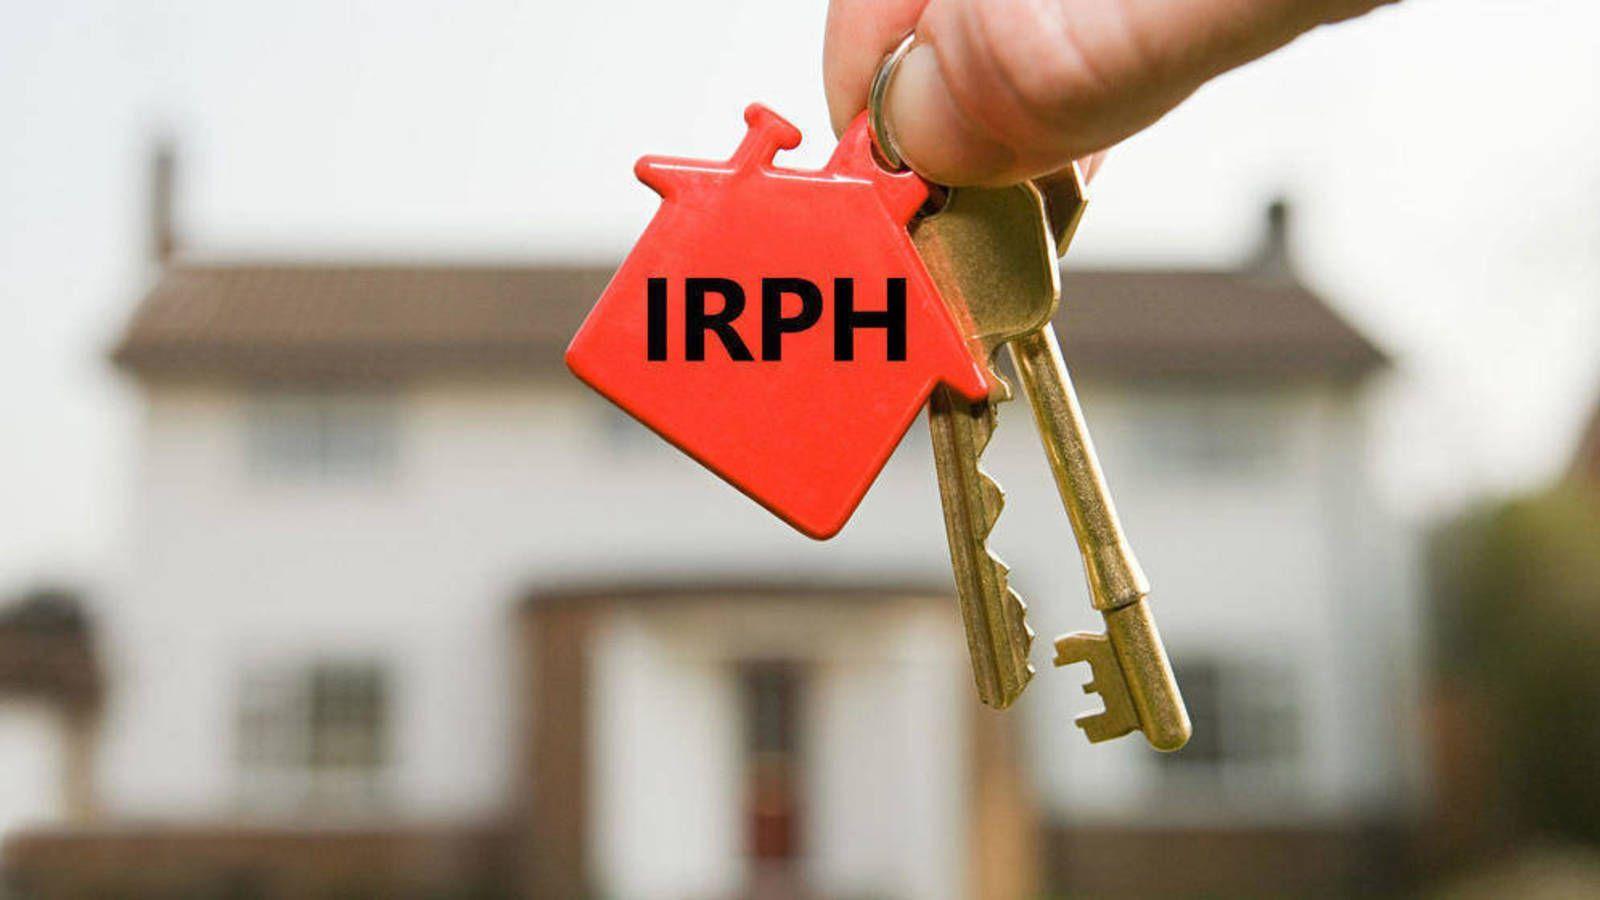 la-banca-espera-la-sentencia-europea-sobre-irph-con-hipotecas-por-valor-de-18-000-m